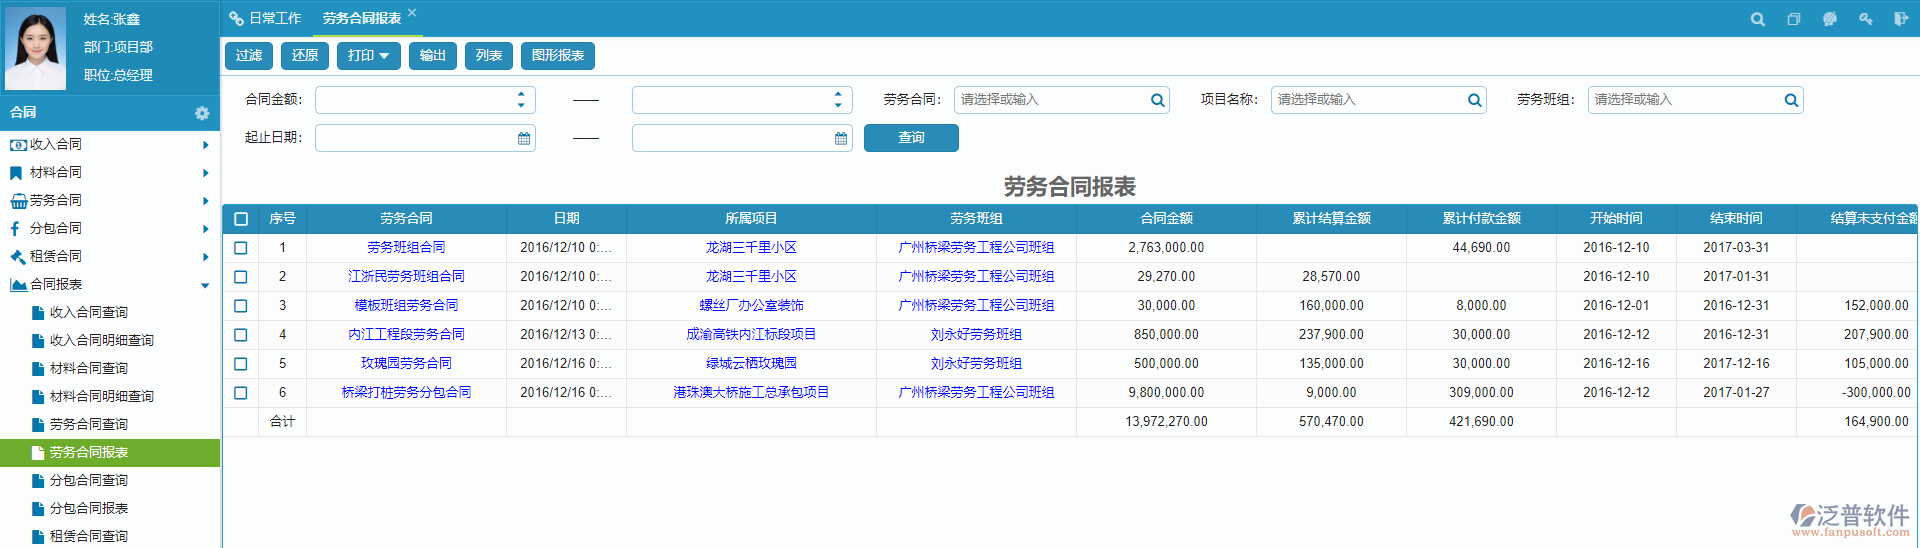 电力工程管理系统合同管理